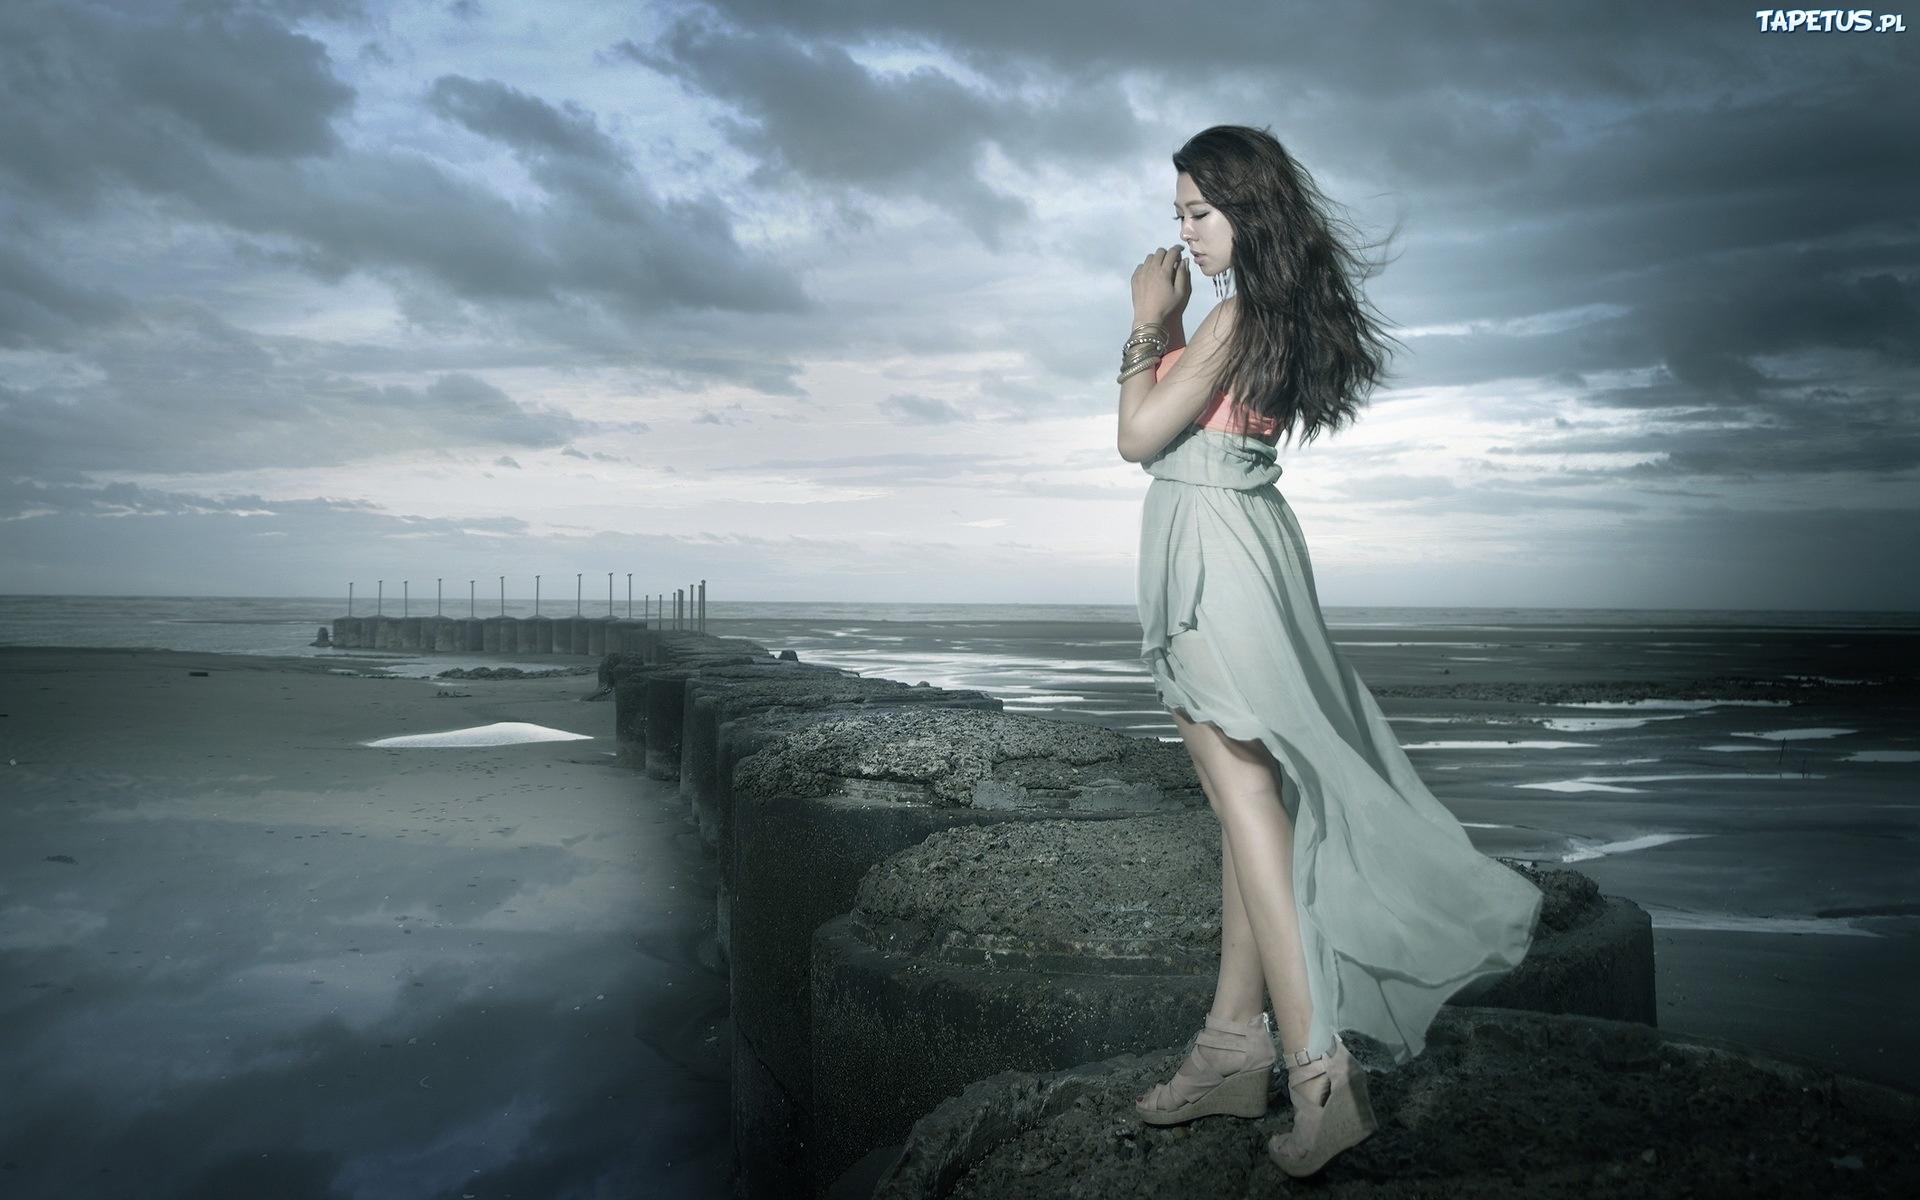 Wallpaper Of Lonely Girl In Rain Smutna Dziewczyna Falochron Morze Chmury